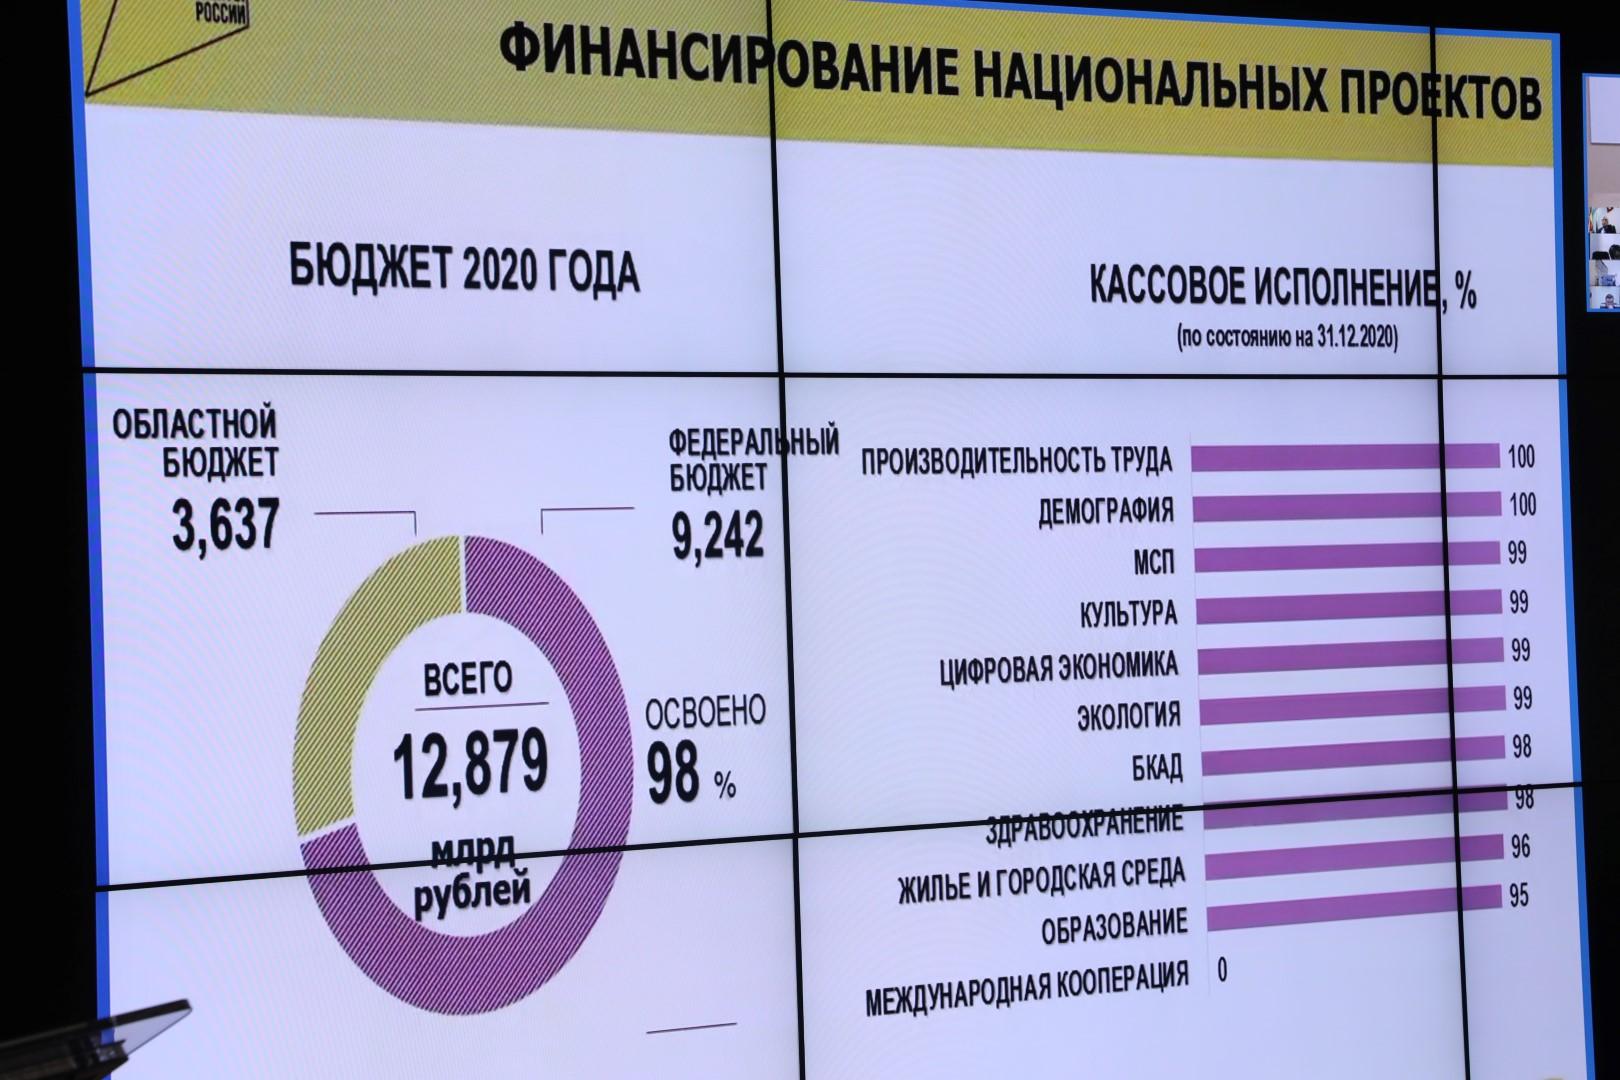 Дмитрий Миронов: Ярославская область – вторая в ЦФО по освоению средств на реализацию нацпроектов